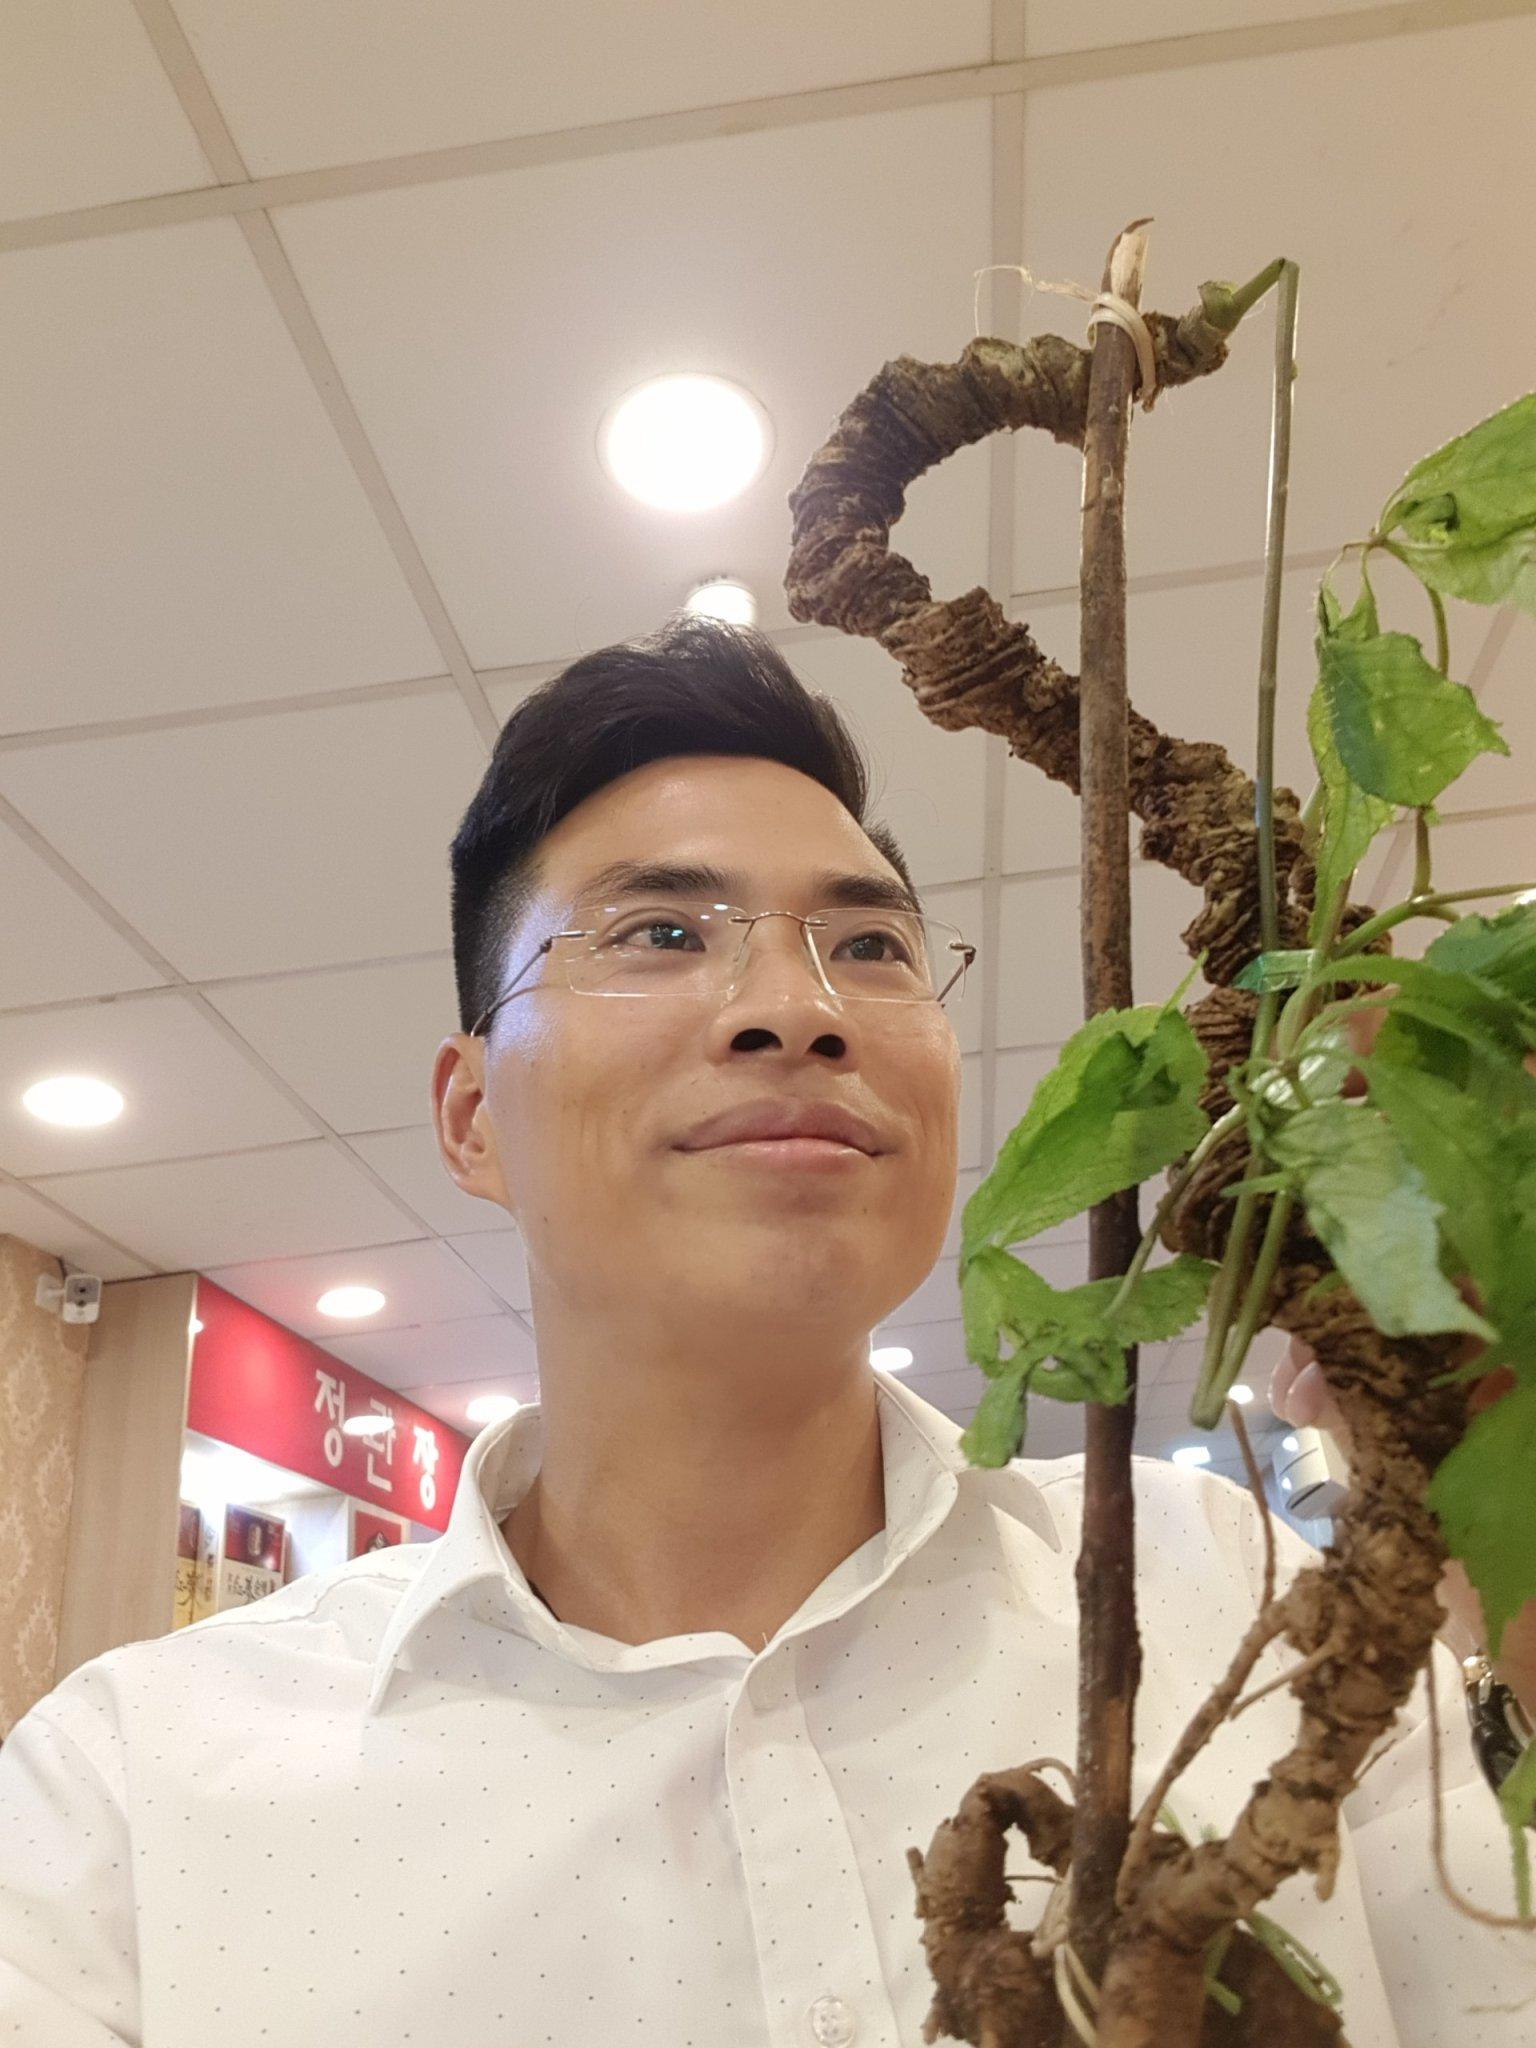 Anh Đào Văn Quang - Người sở hữu bộ sưu tập sâm Ngọc Linh lên tới cả chục tỷ đồng